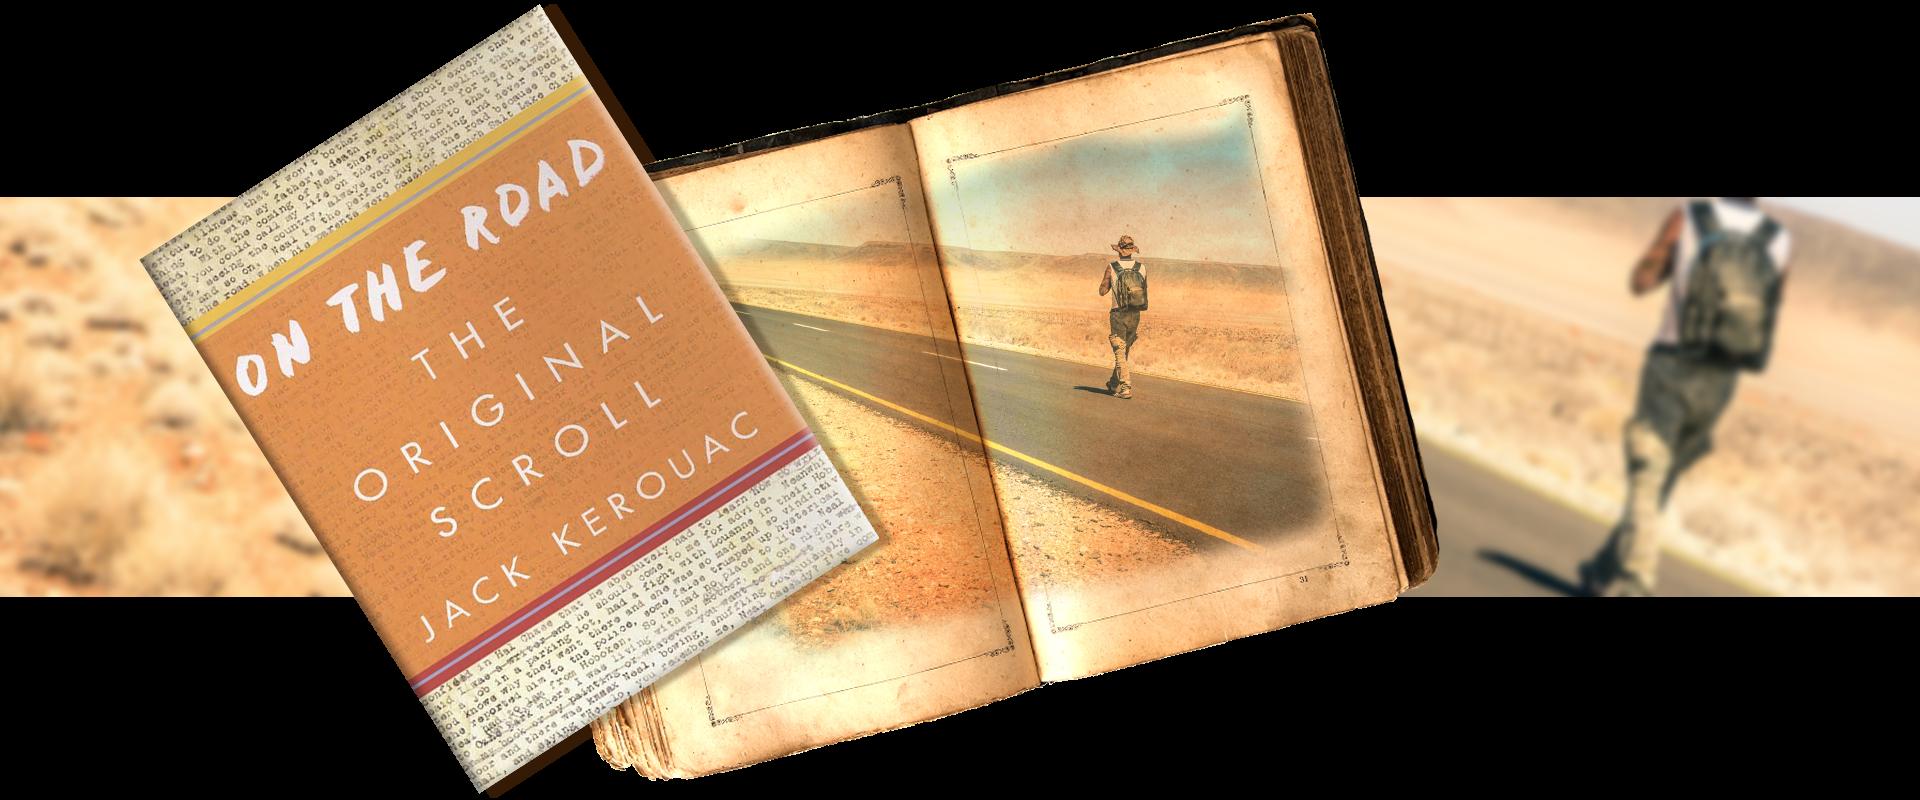 On the road by Jack Kerouac - vintage book - lone traveler walking desert road